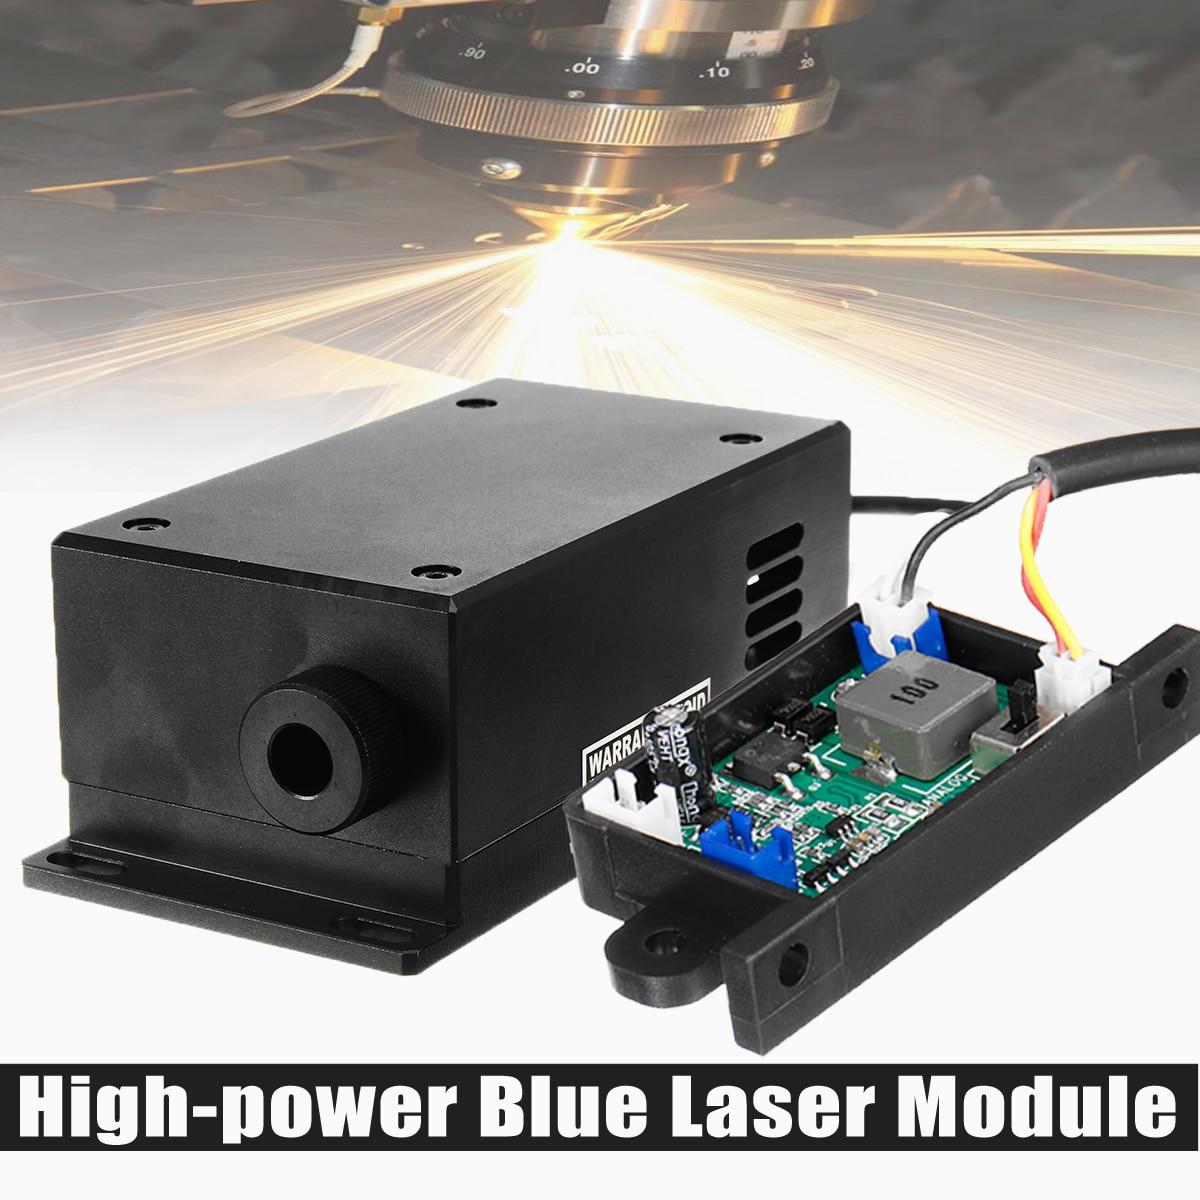 17 W Cabeça Do Laser de Alta Potência Módulo de Gravação Ajustável Focal 450/445nm 17000 mw Módulo de Laser Azul de Madeira DIY máquina de Gravura Em metal